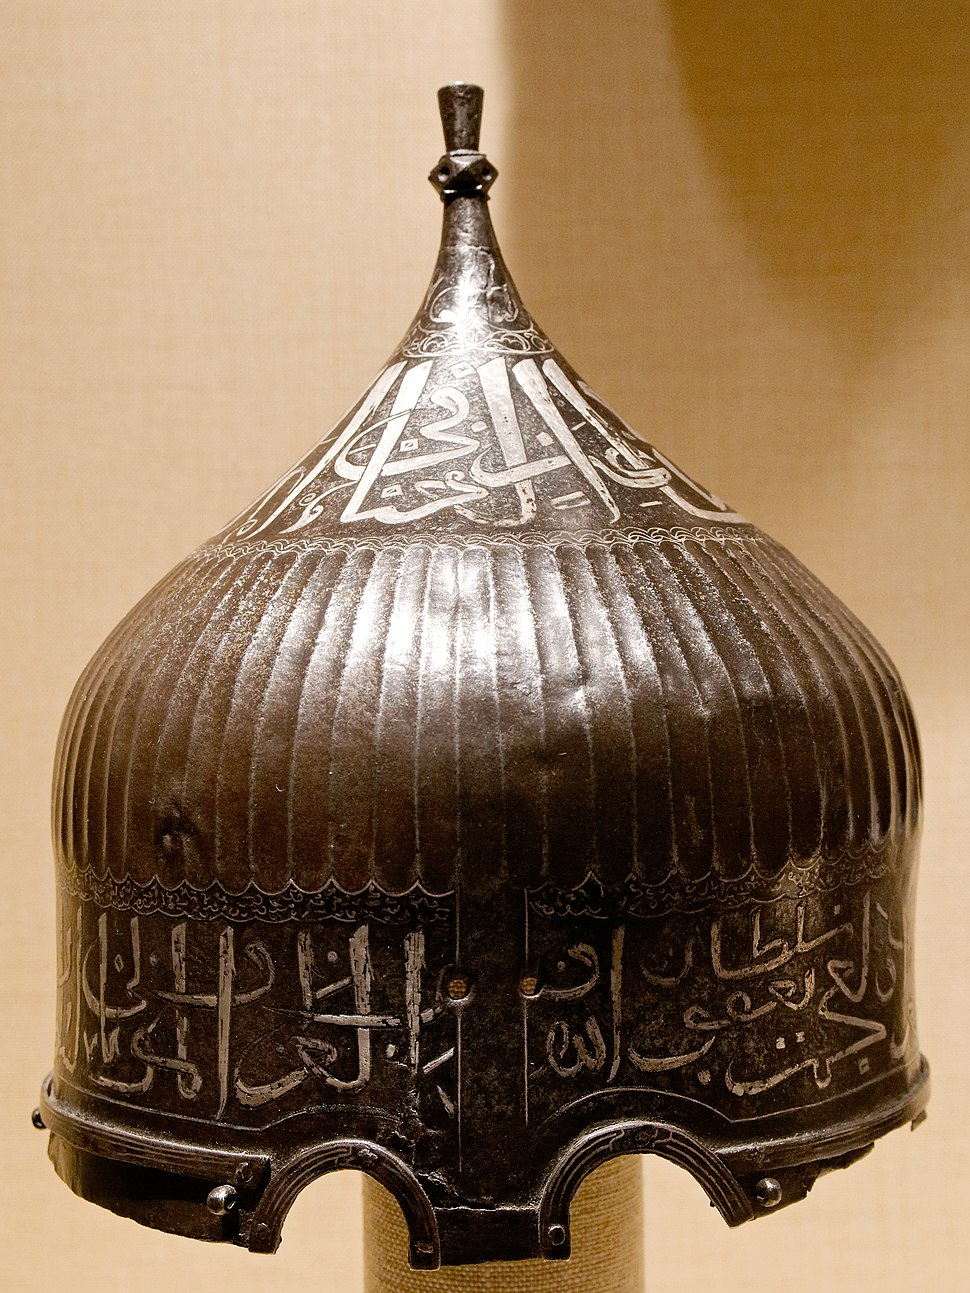 Turban helmet Met 04.3.211